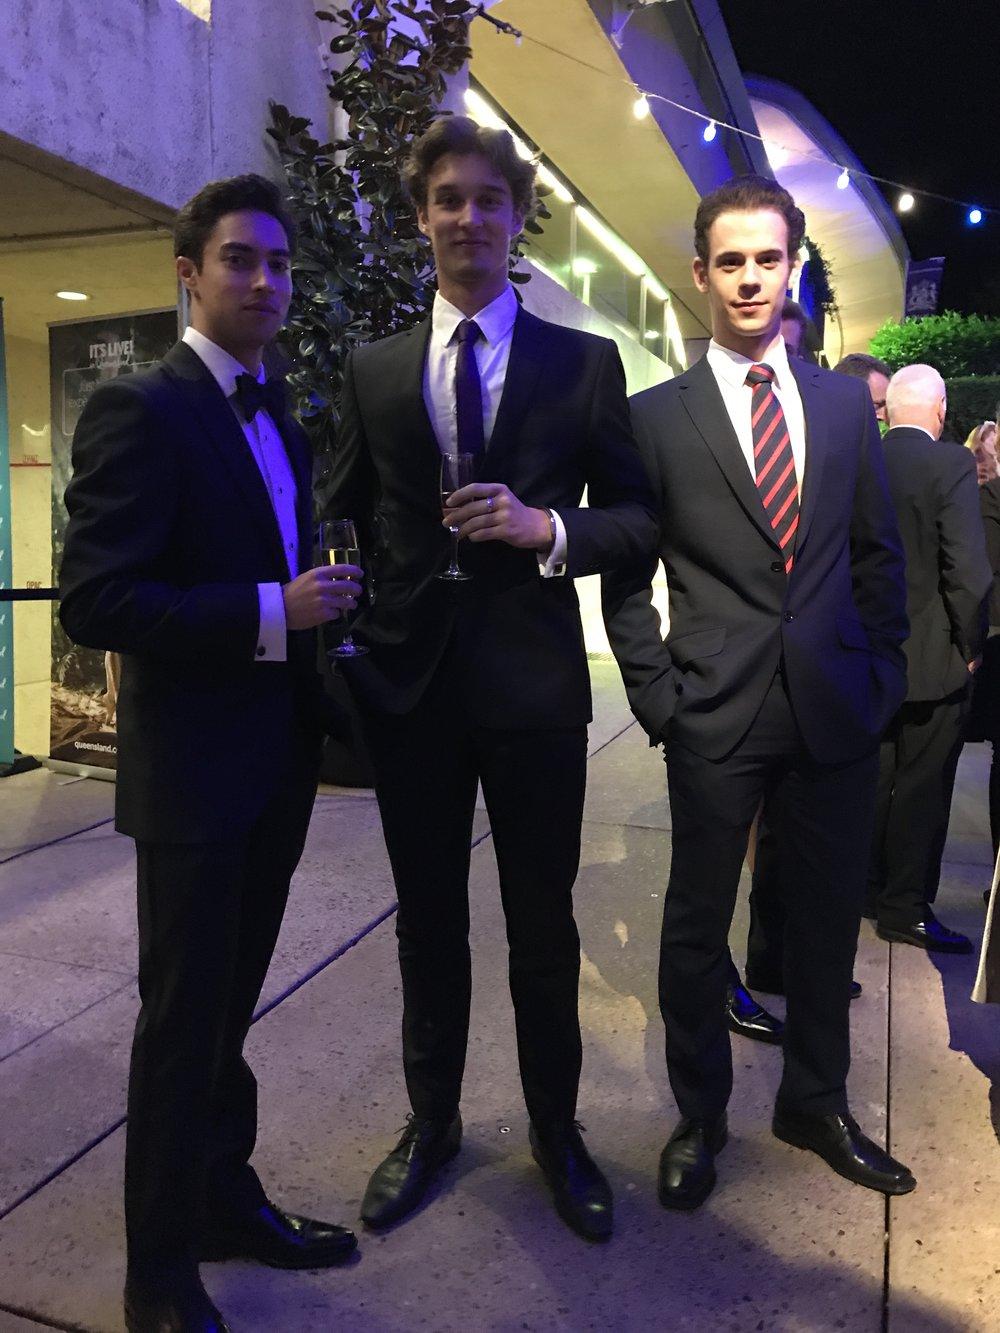 James, Lukas & Tomas